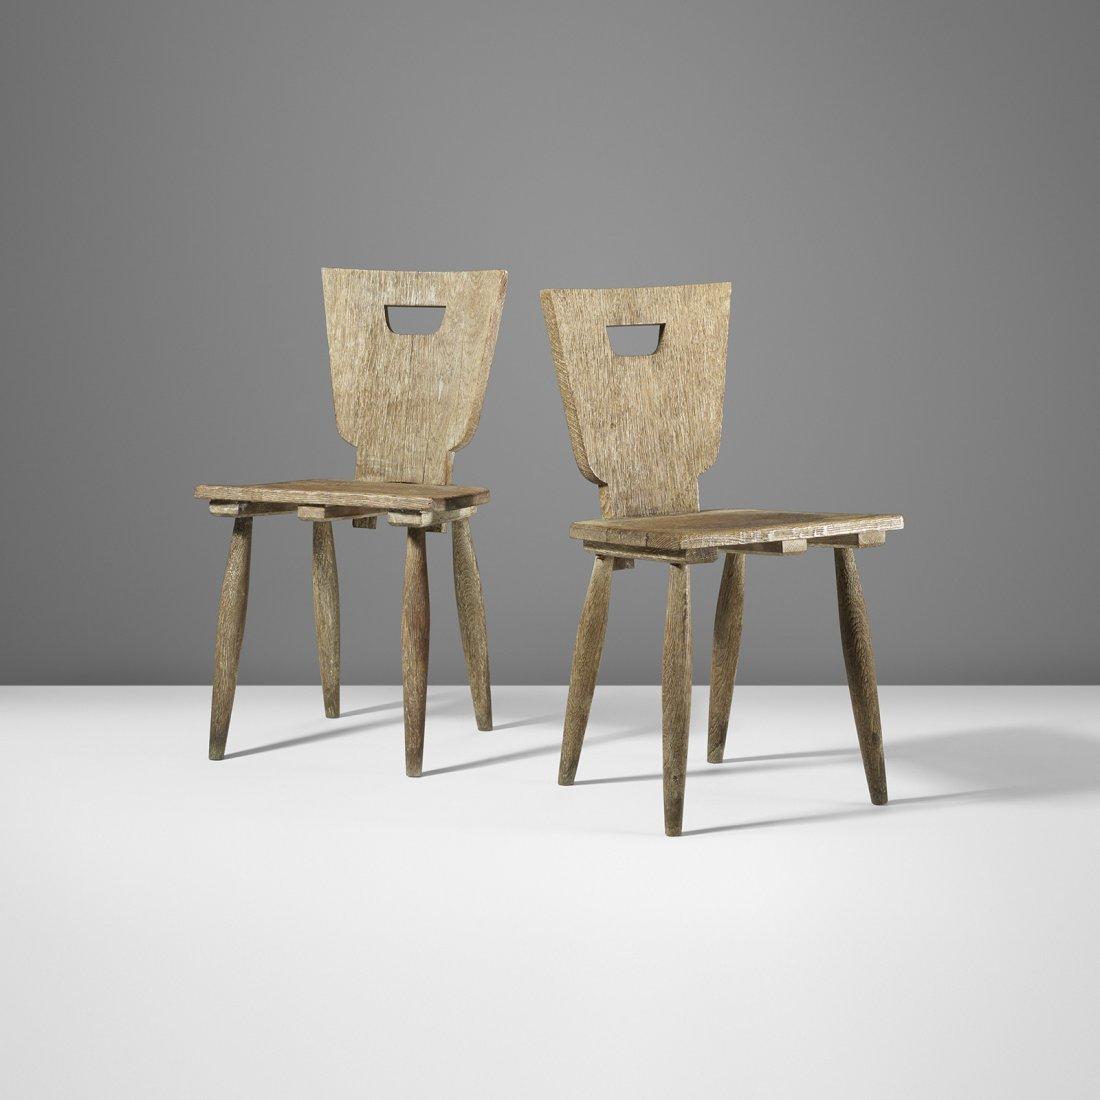 Jean Royère Chaises Rustiques, pair